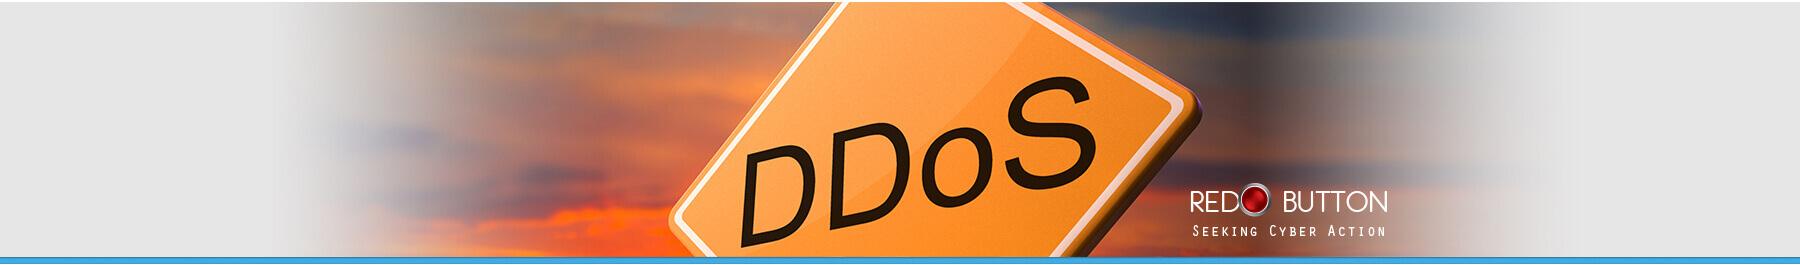 DDOS-HEADER